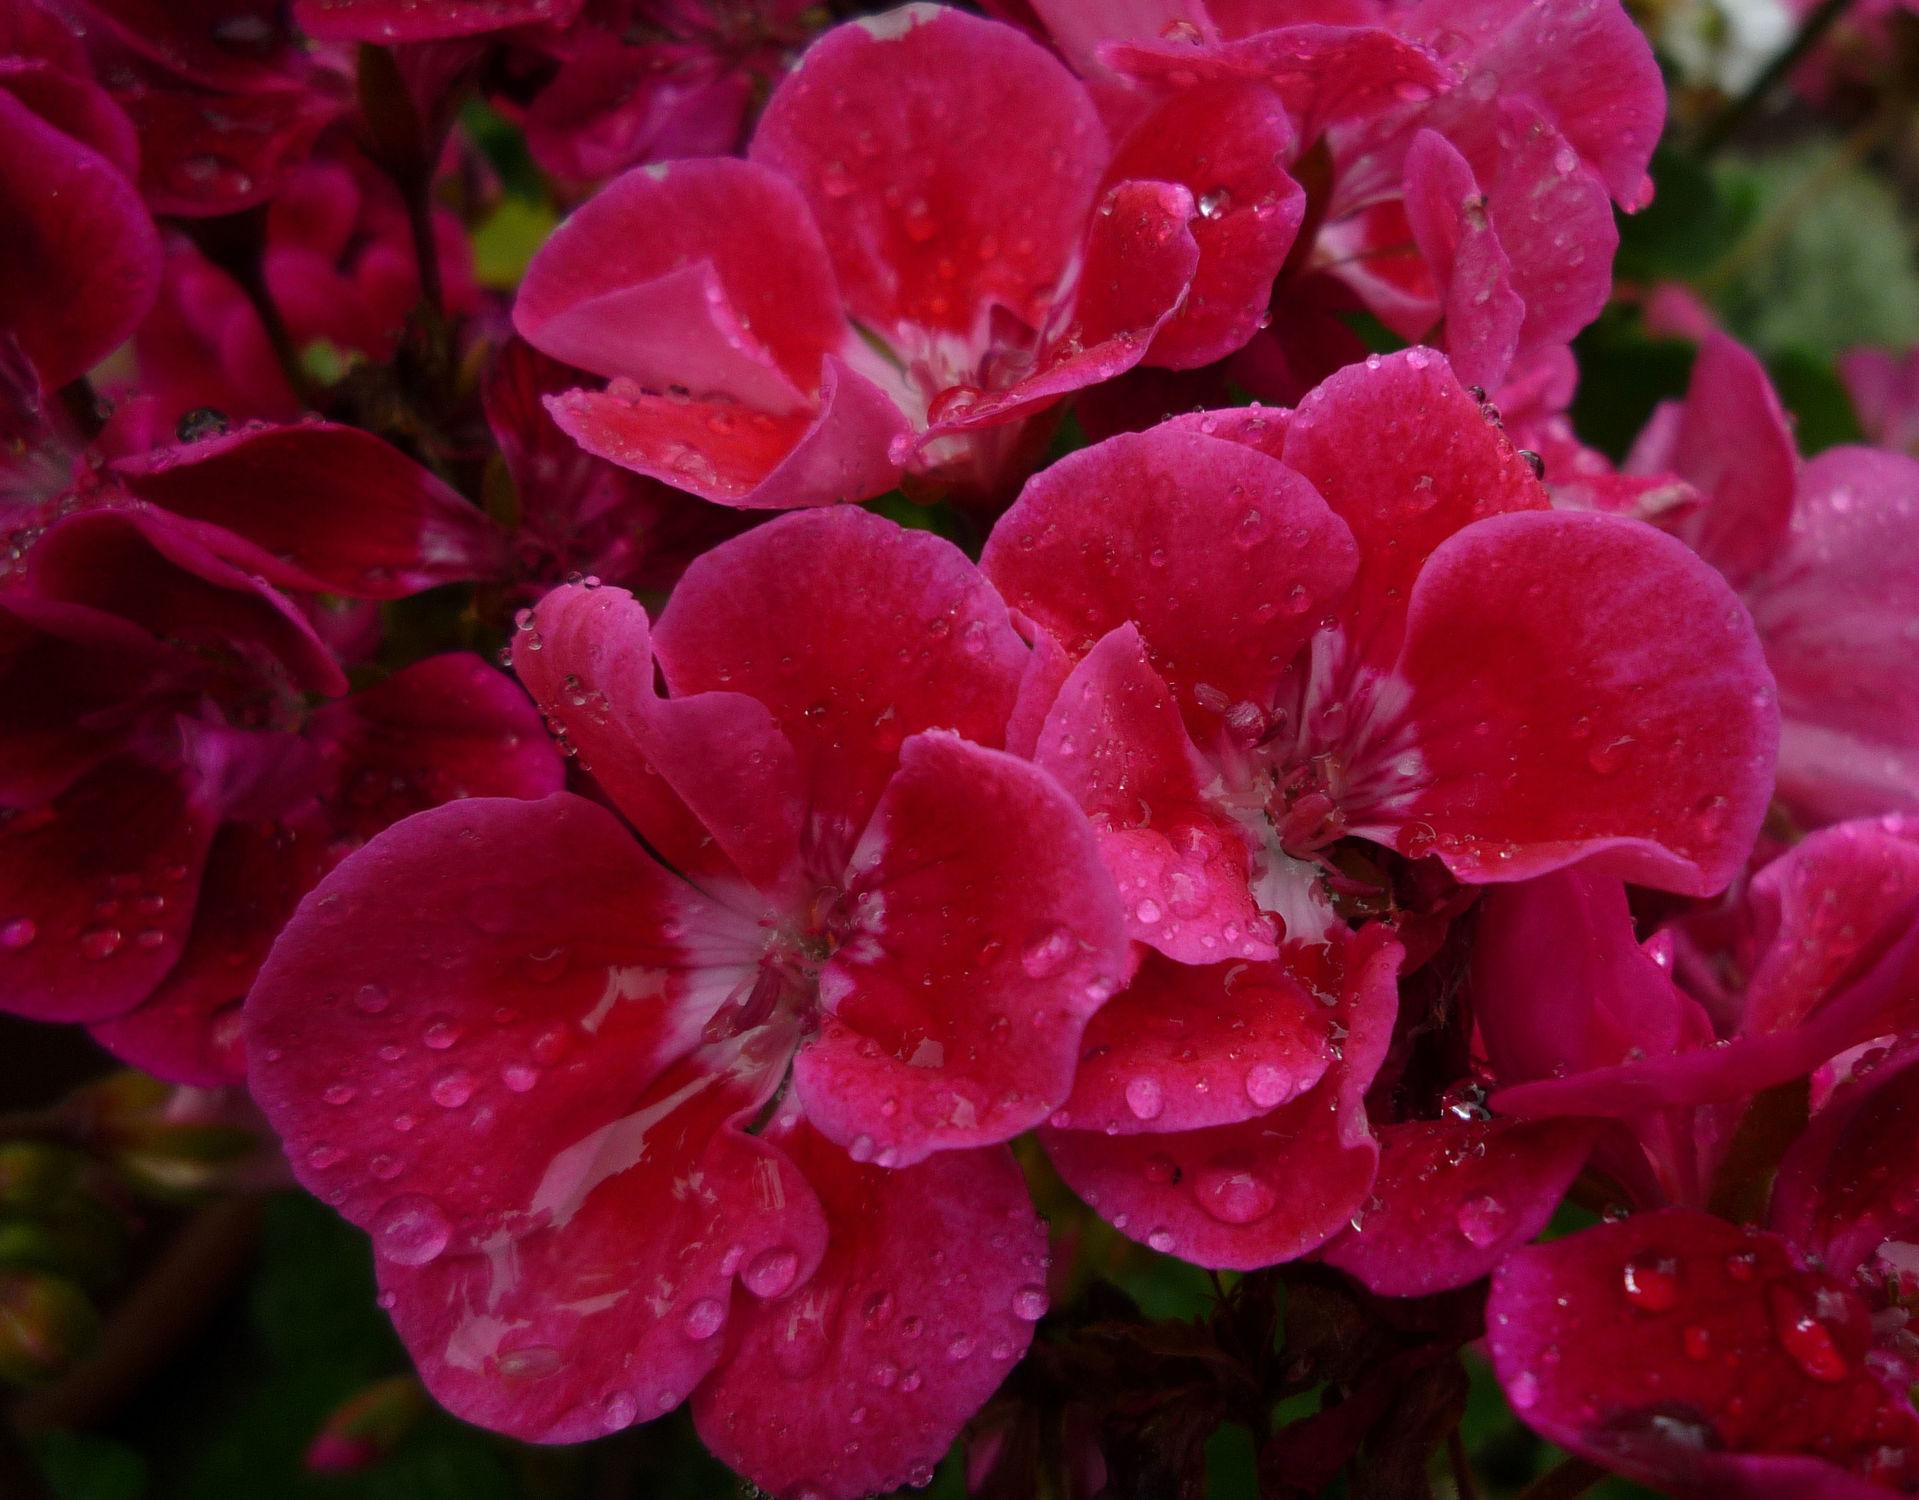 Bild mit regenblüten